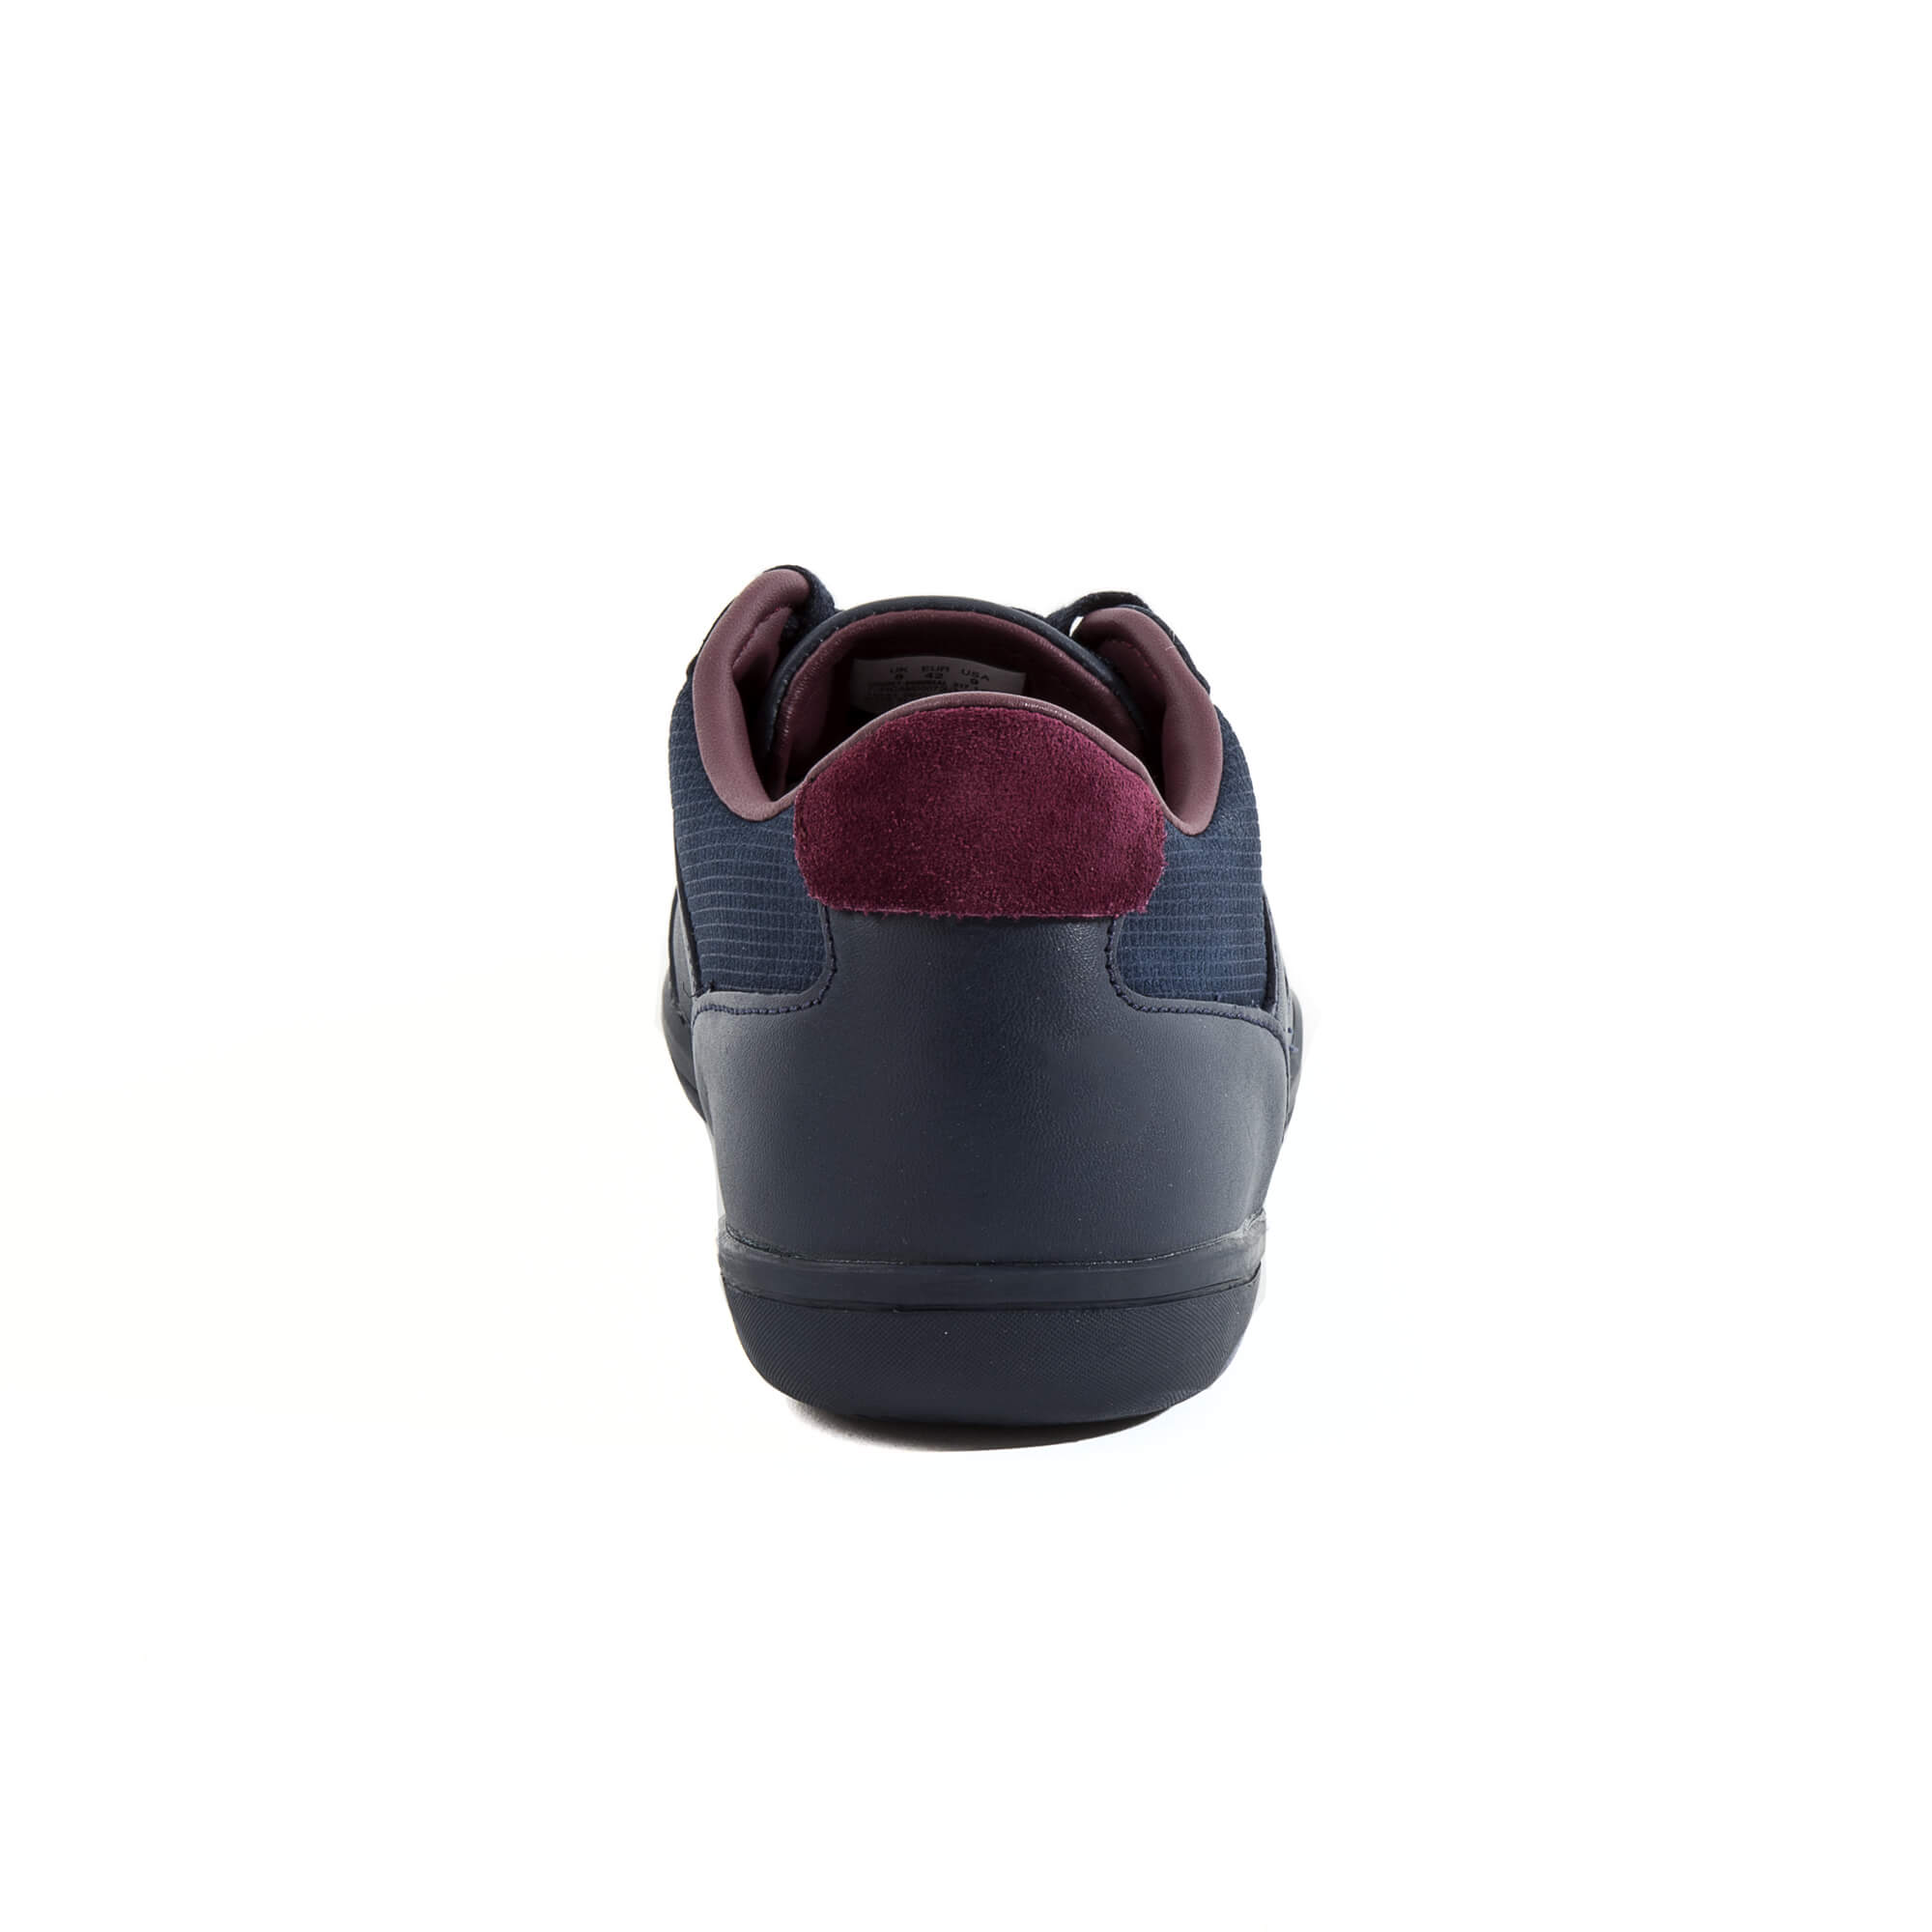 Lacoste Men's Explorateur Sneaker